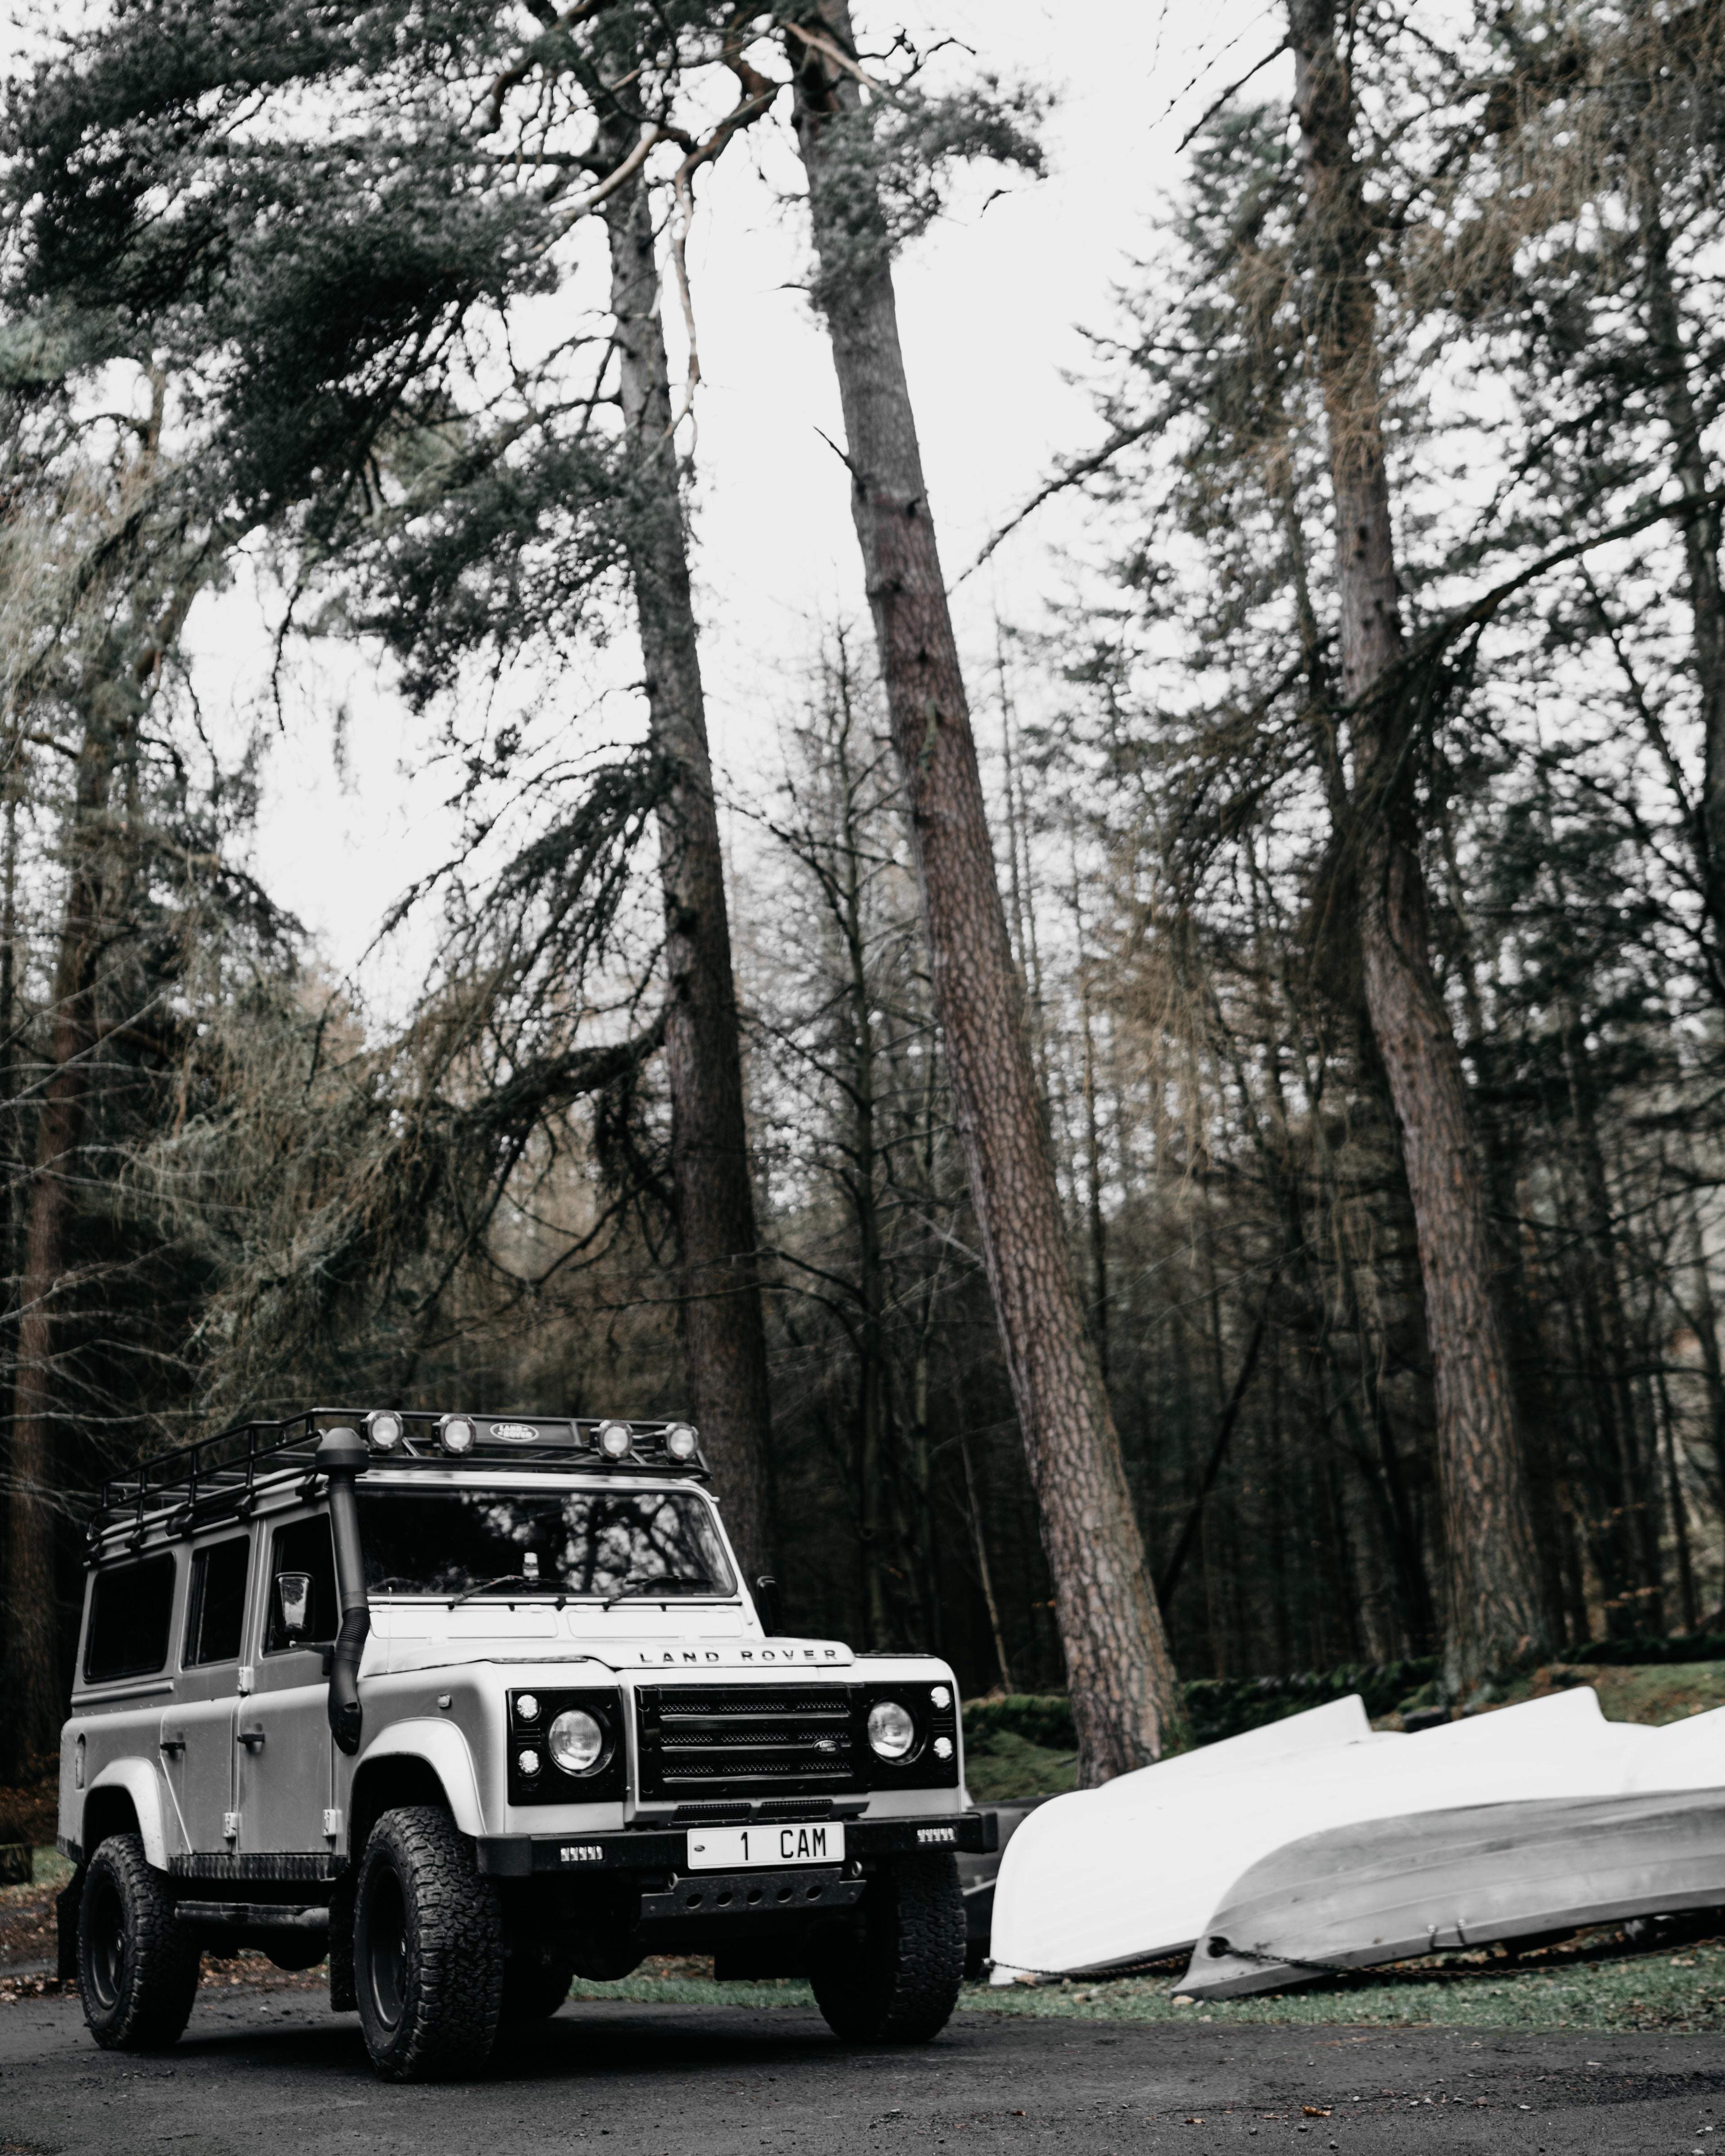 62266 завантажити шпалери Ленд Ровер, Тачки, Позашляховик, Машина, Land Rover Defender, Land Rover Захисник - заставки і картинки безкоштовно